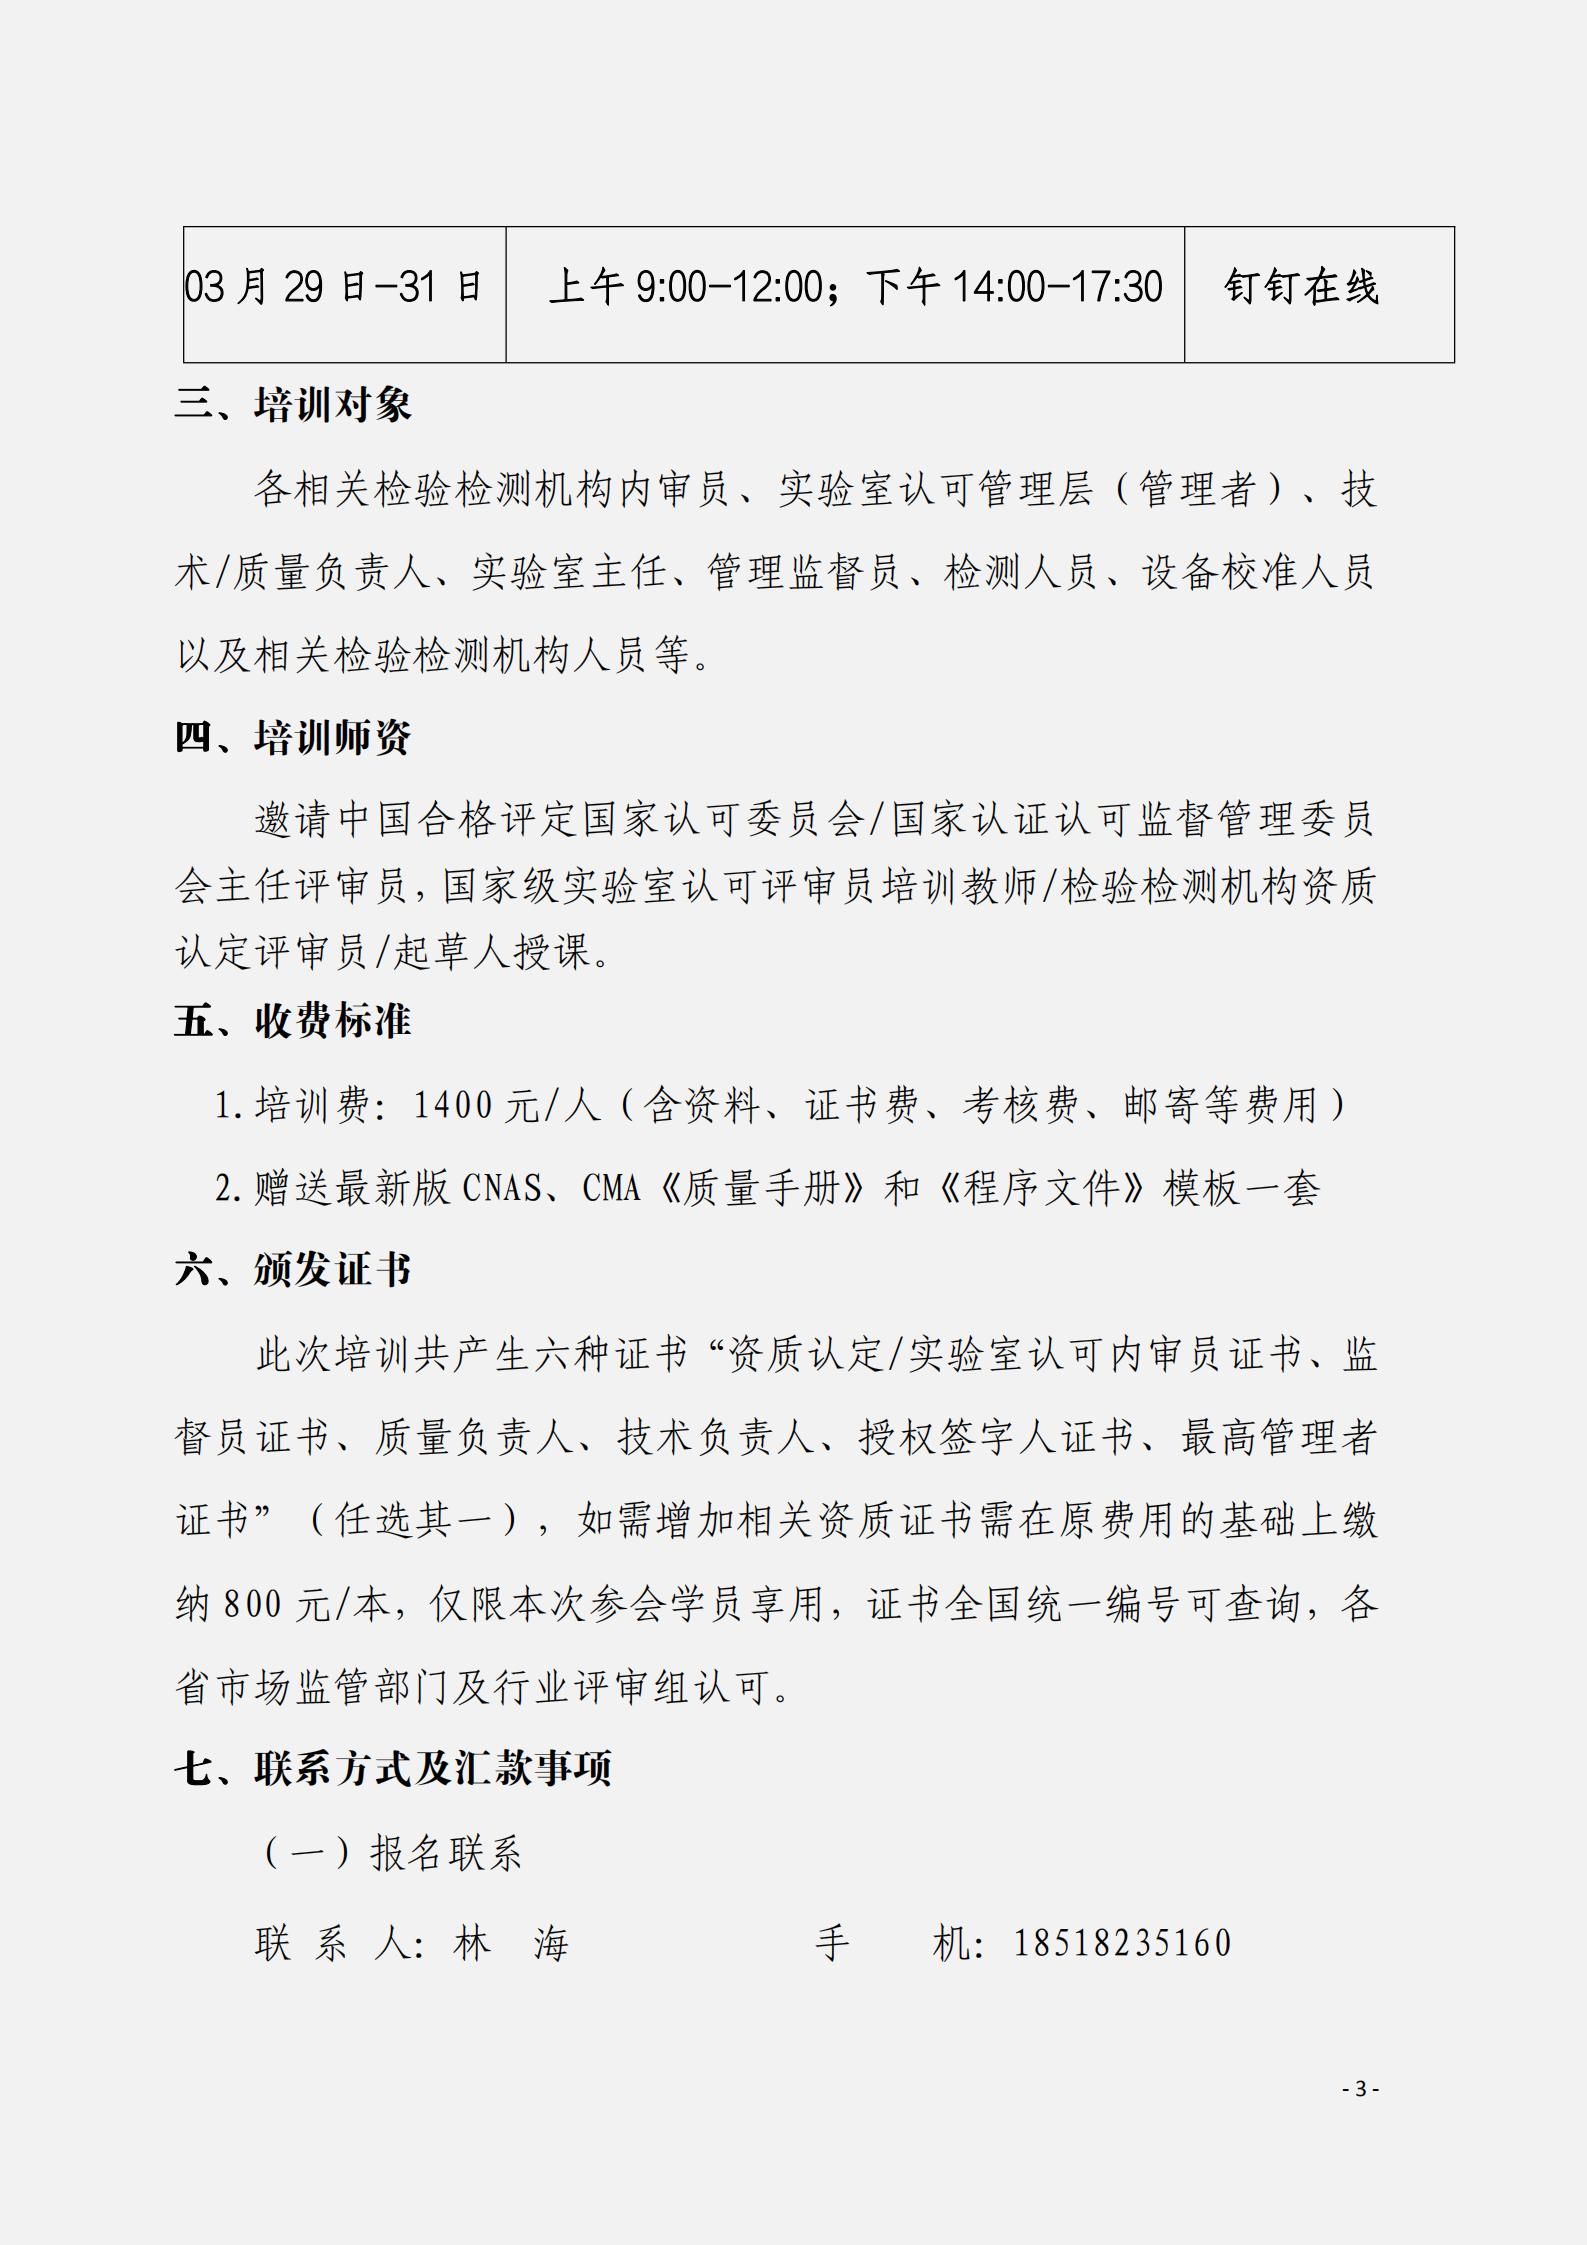 2021年01月内审员及管理层网络直播课((1)_02.png